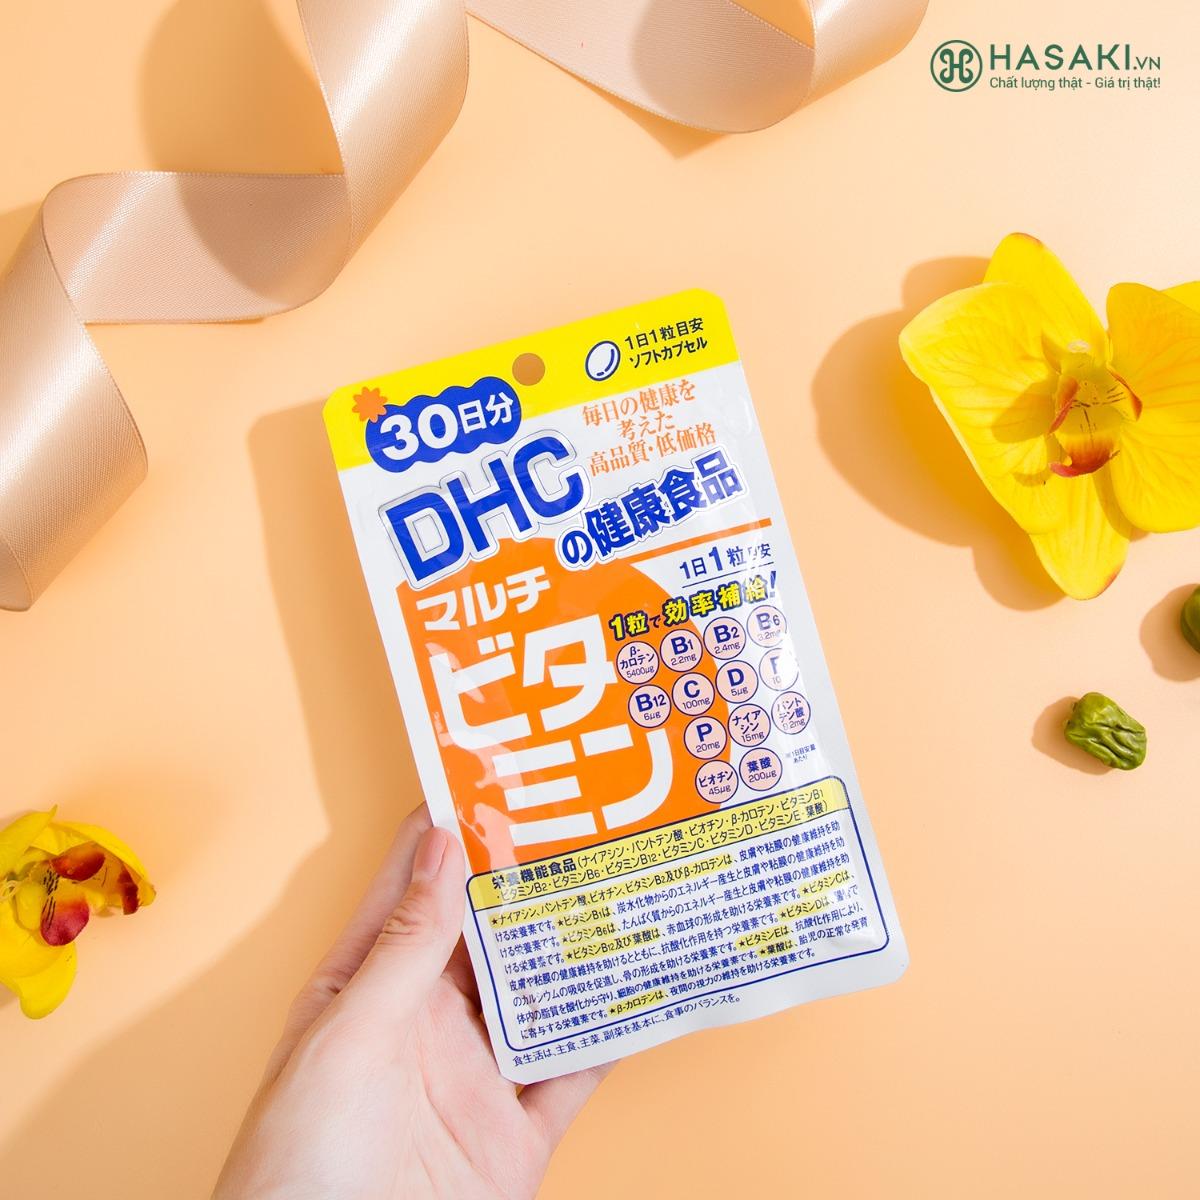 Viên Uống DHC Nhật Bản Multi Vitamin Tổng Hợp Gói 30 Viên 30 Ngày hiện đã có mặt tại Hasaki